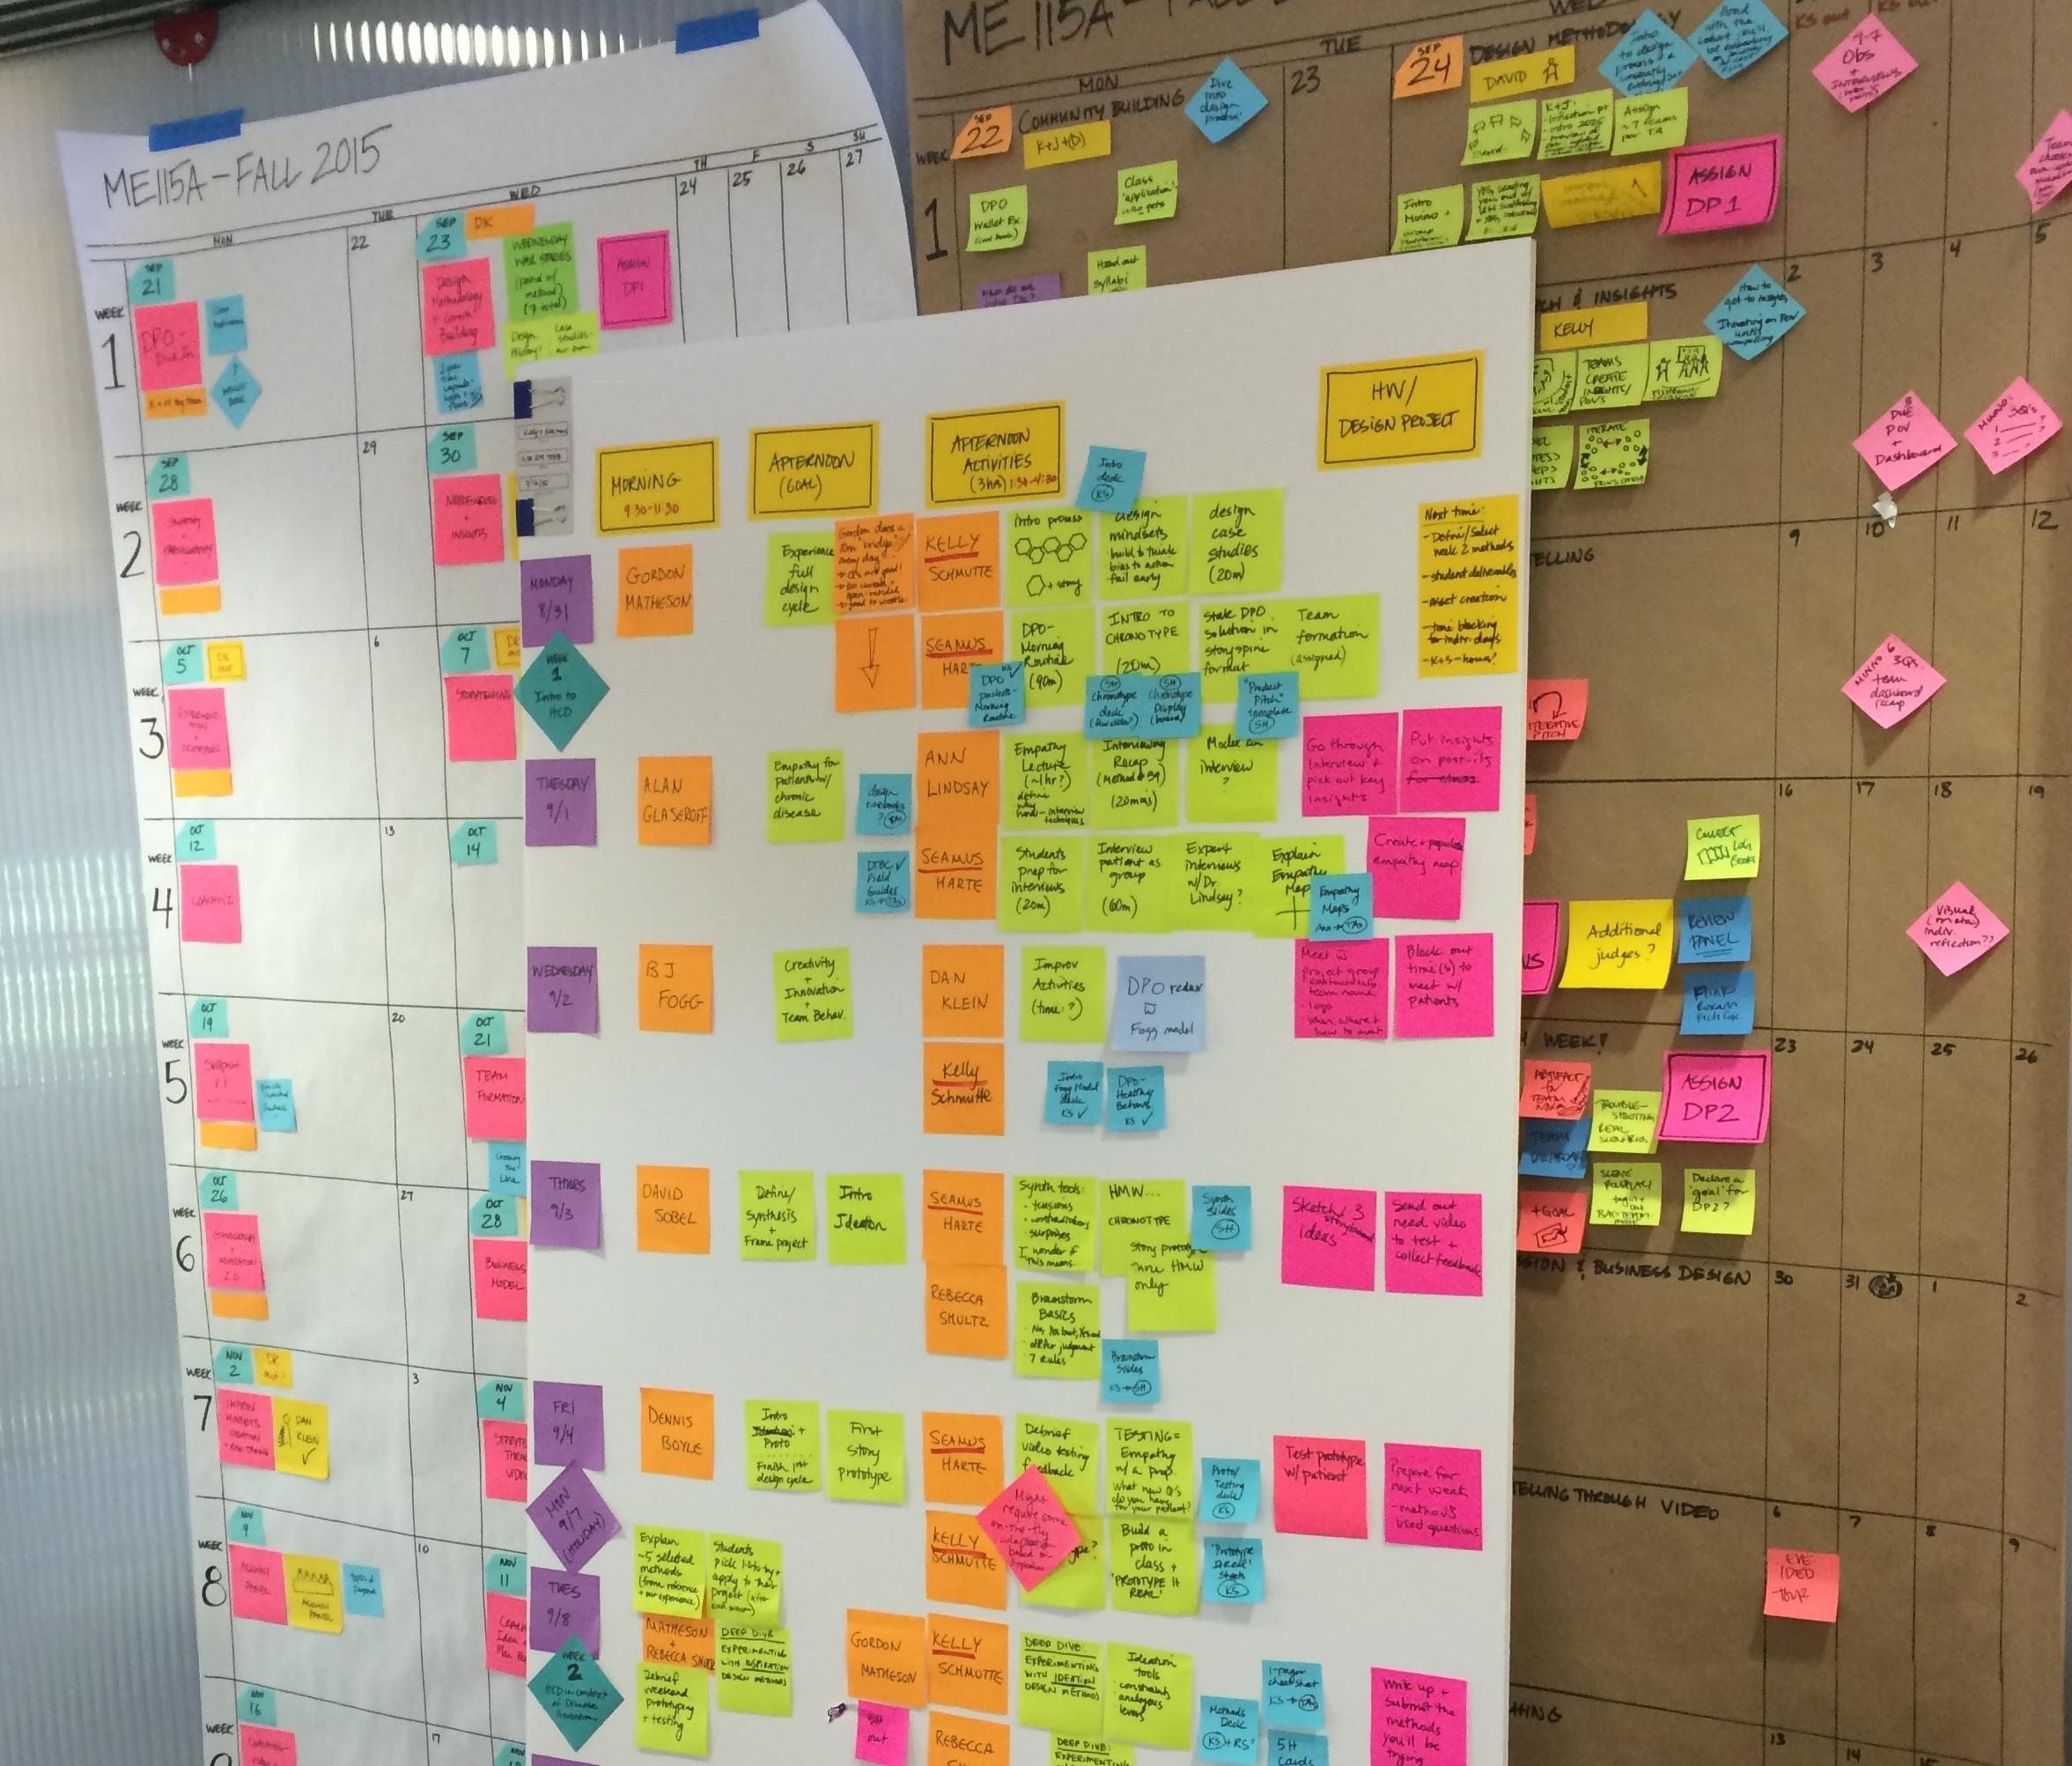 프로젝트의 이슈보드 모습, 벽에 포스트잇으로 다양한 의견들을 붙여 둔 모습